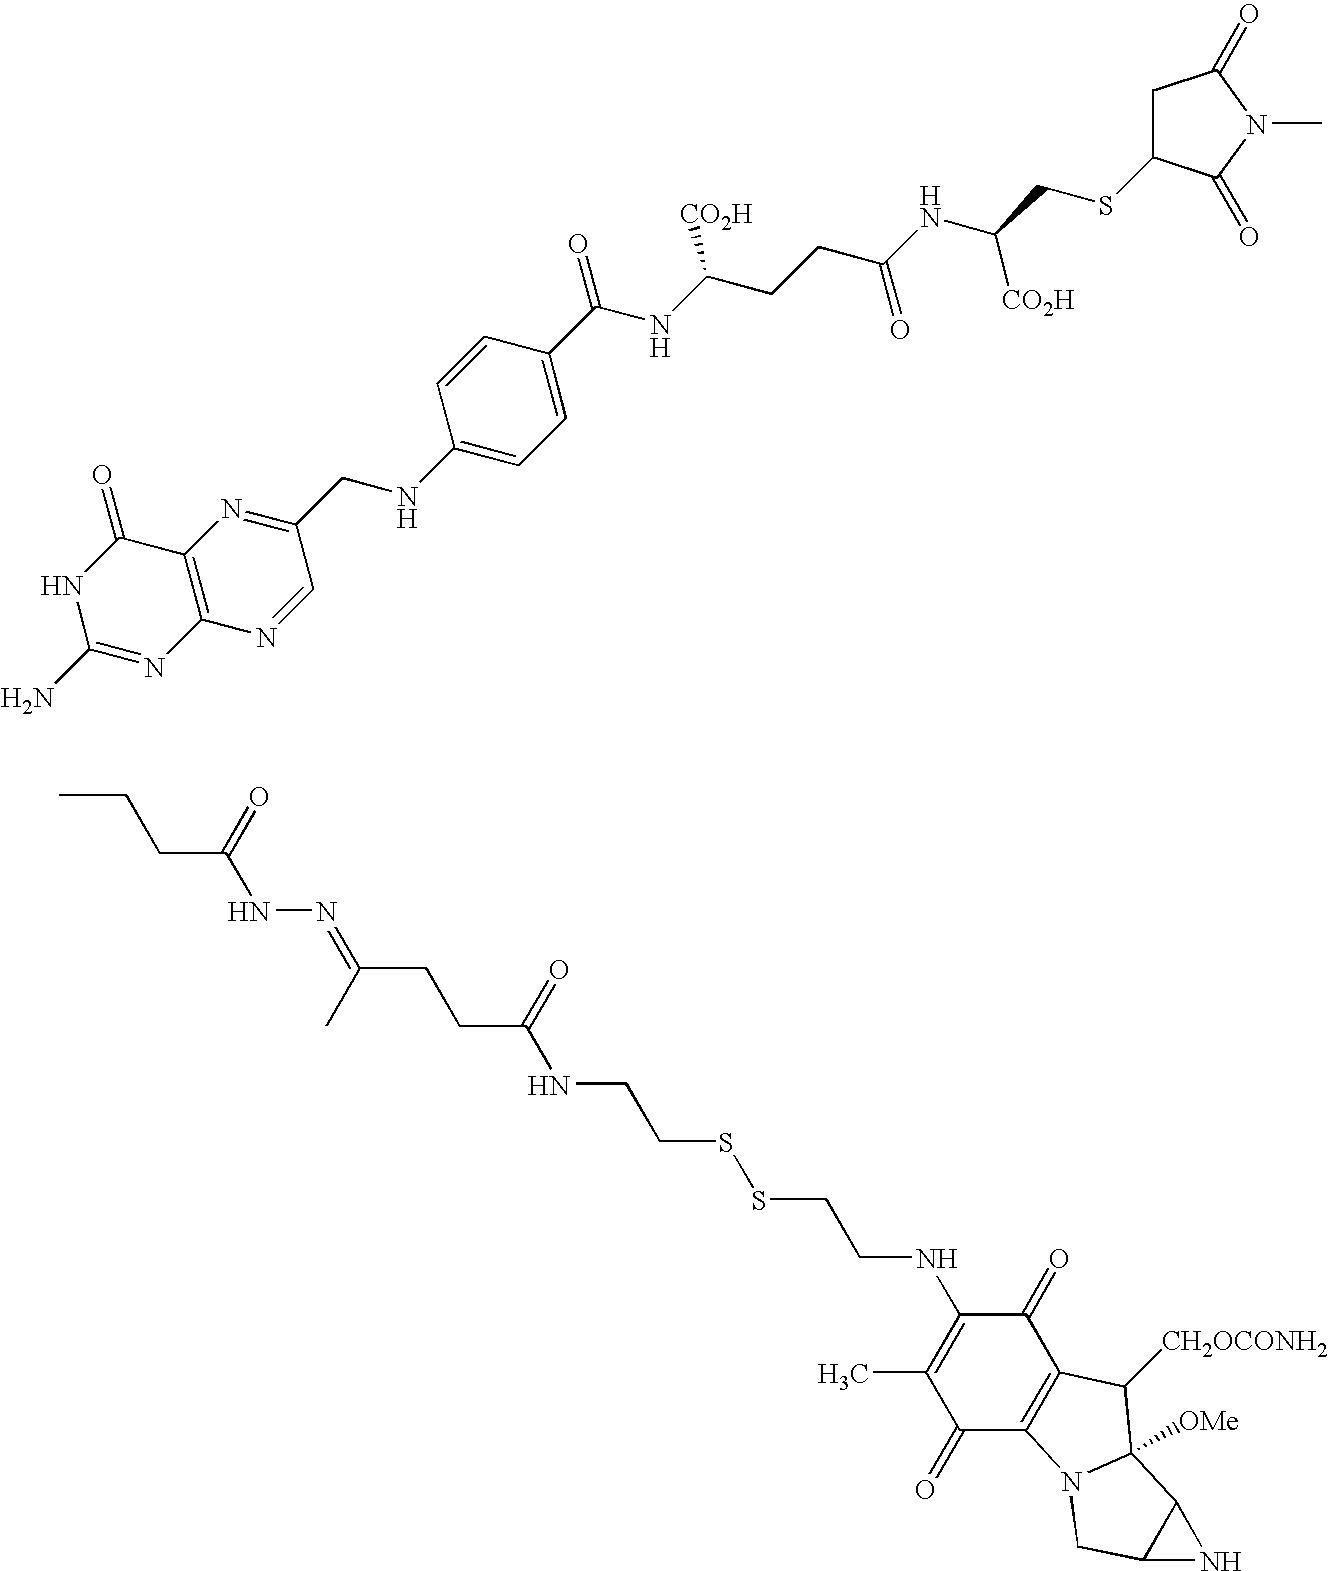 Figure US20100004276A1-20100107-C00128